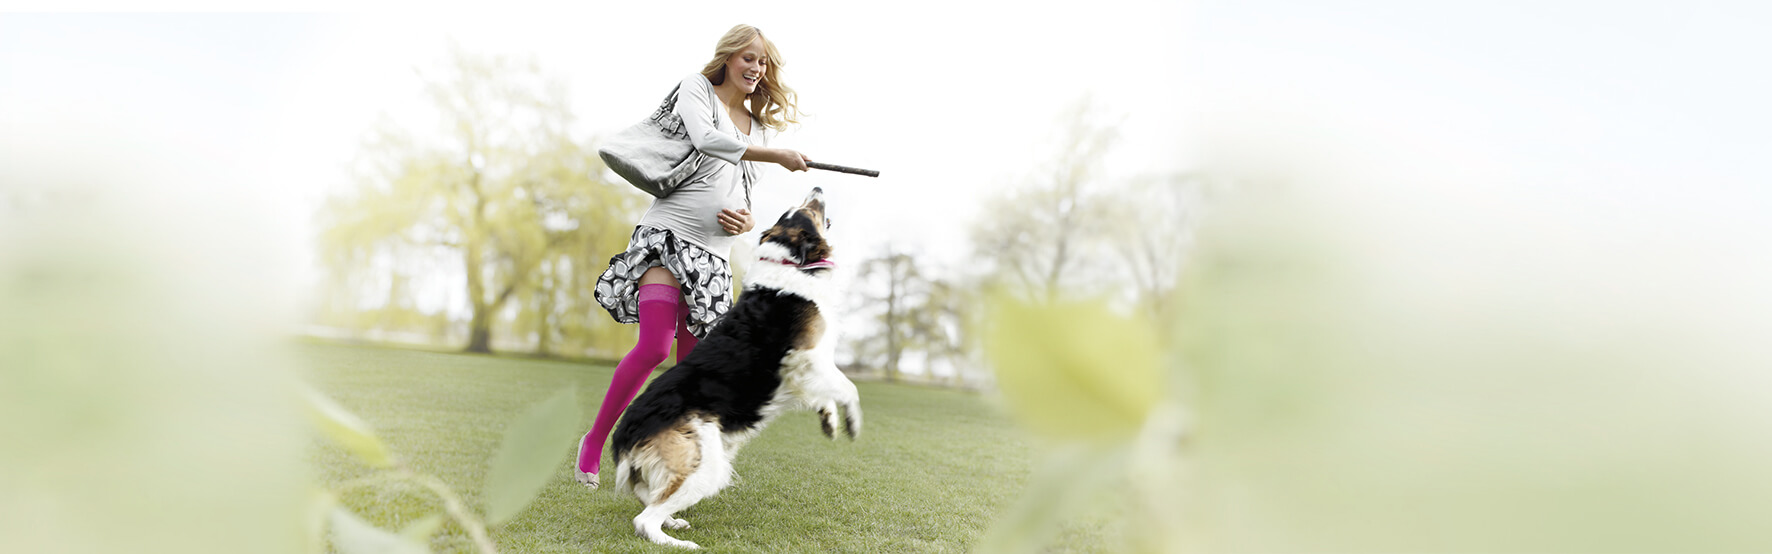 Schwangere Frau spielt mit Hund – mit den mediven Kompressionsstrümpfen konnte sie ihre Ödeme reduzieren.